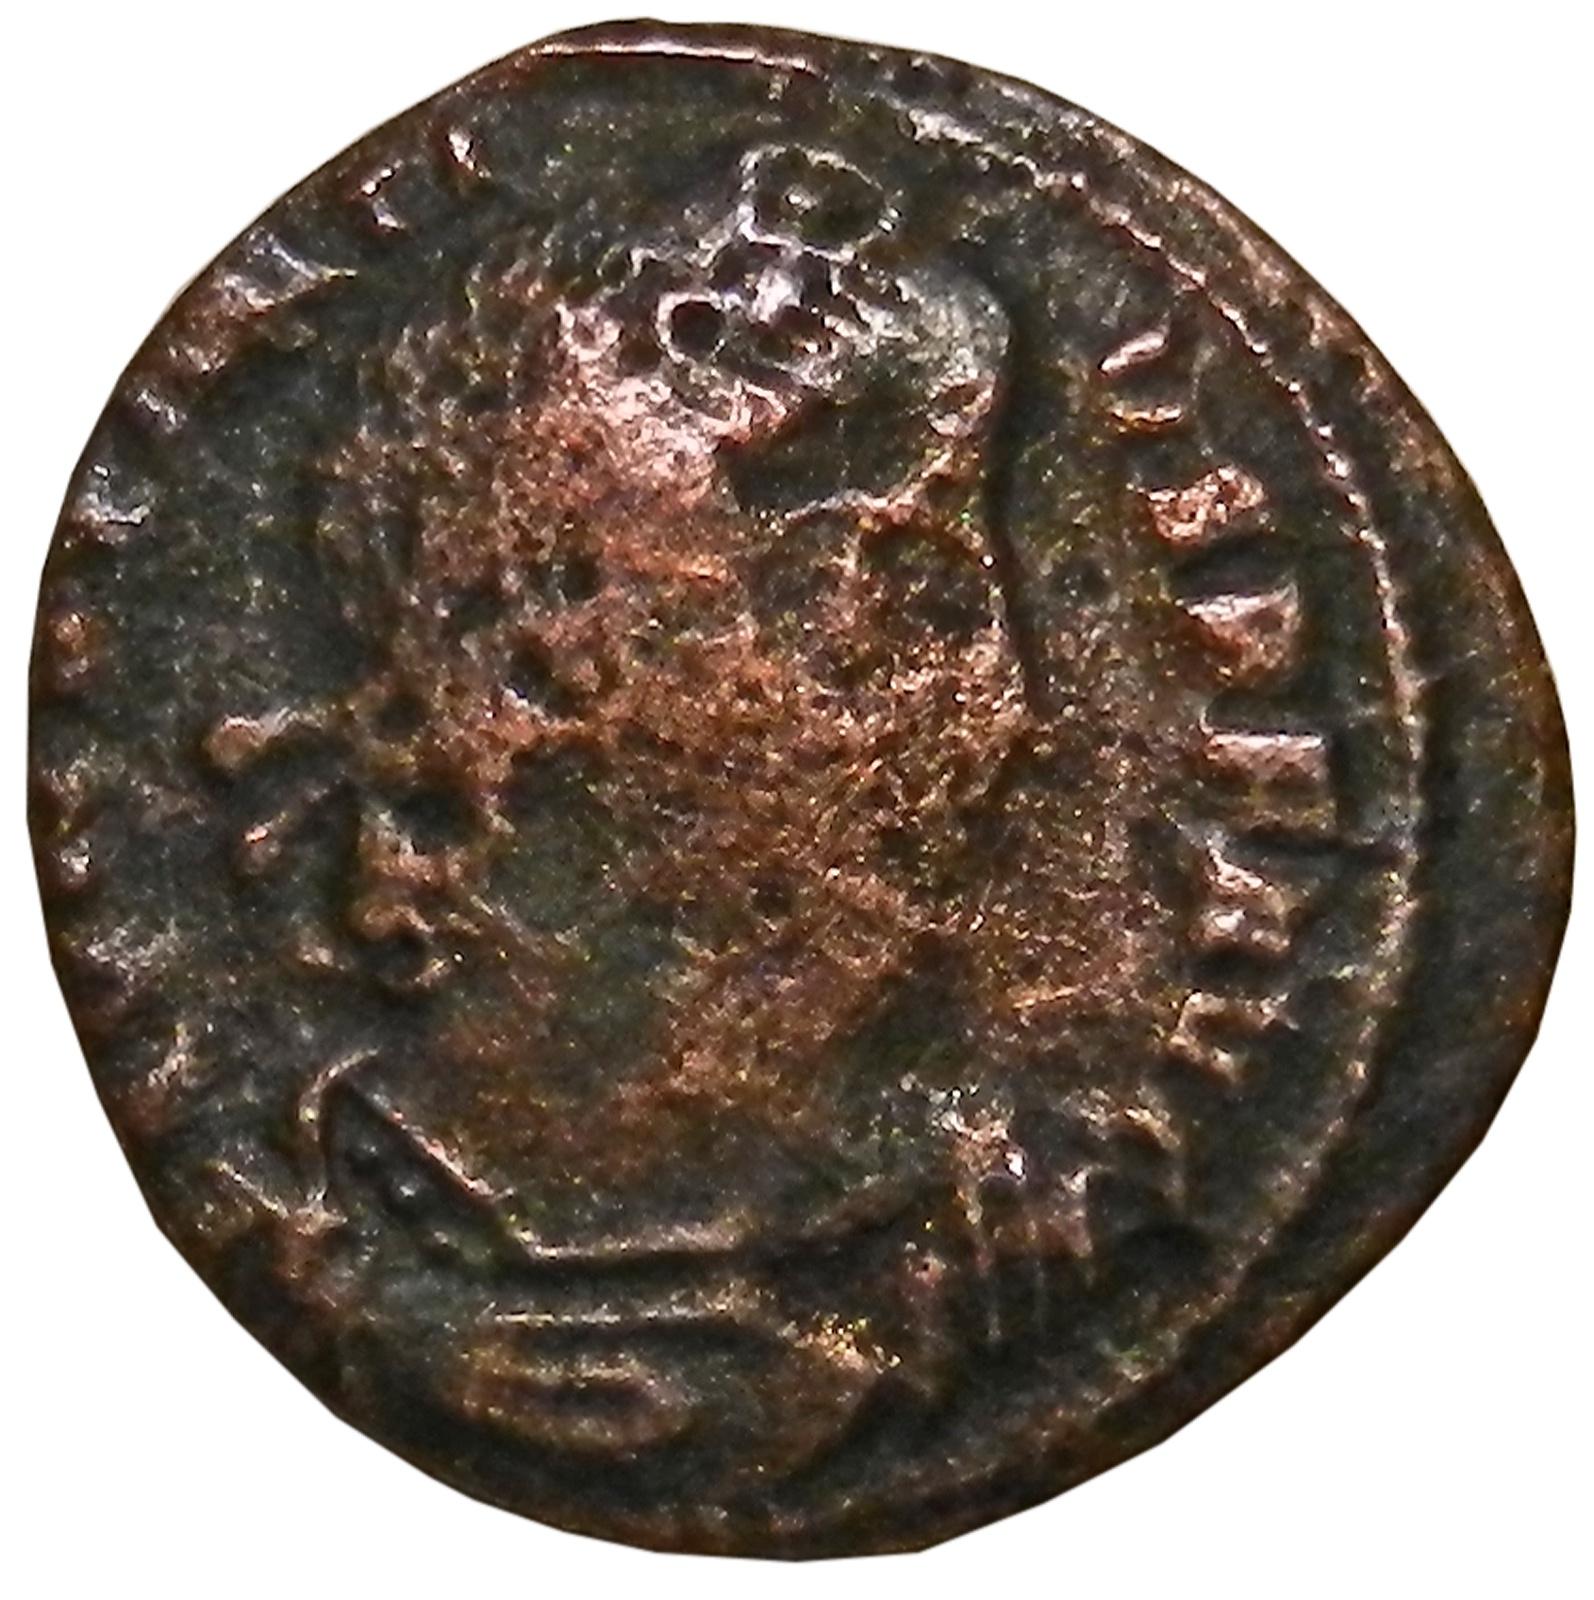 цены Монета AE4. Констанций II. Бронза. Древний Рим, 337- 361 гг. (две Виктории)